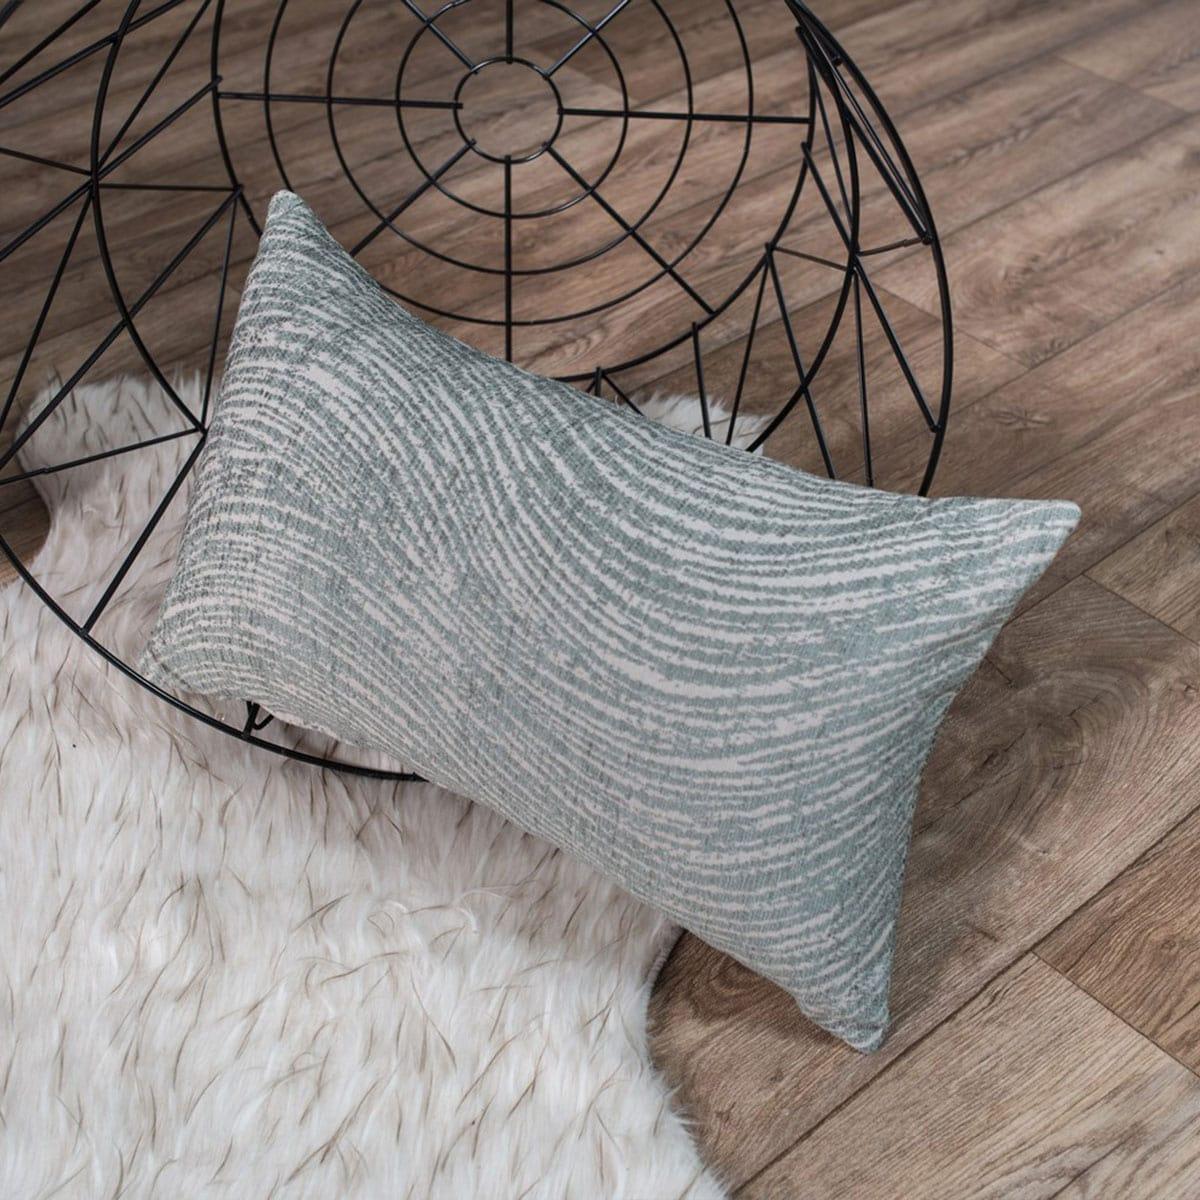 Μαξιλαροθήκη Διακοσμητική Oregon 04 Grey Teoran 30Χ50 Ακρυλικό-Polyester